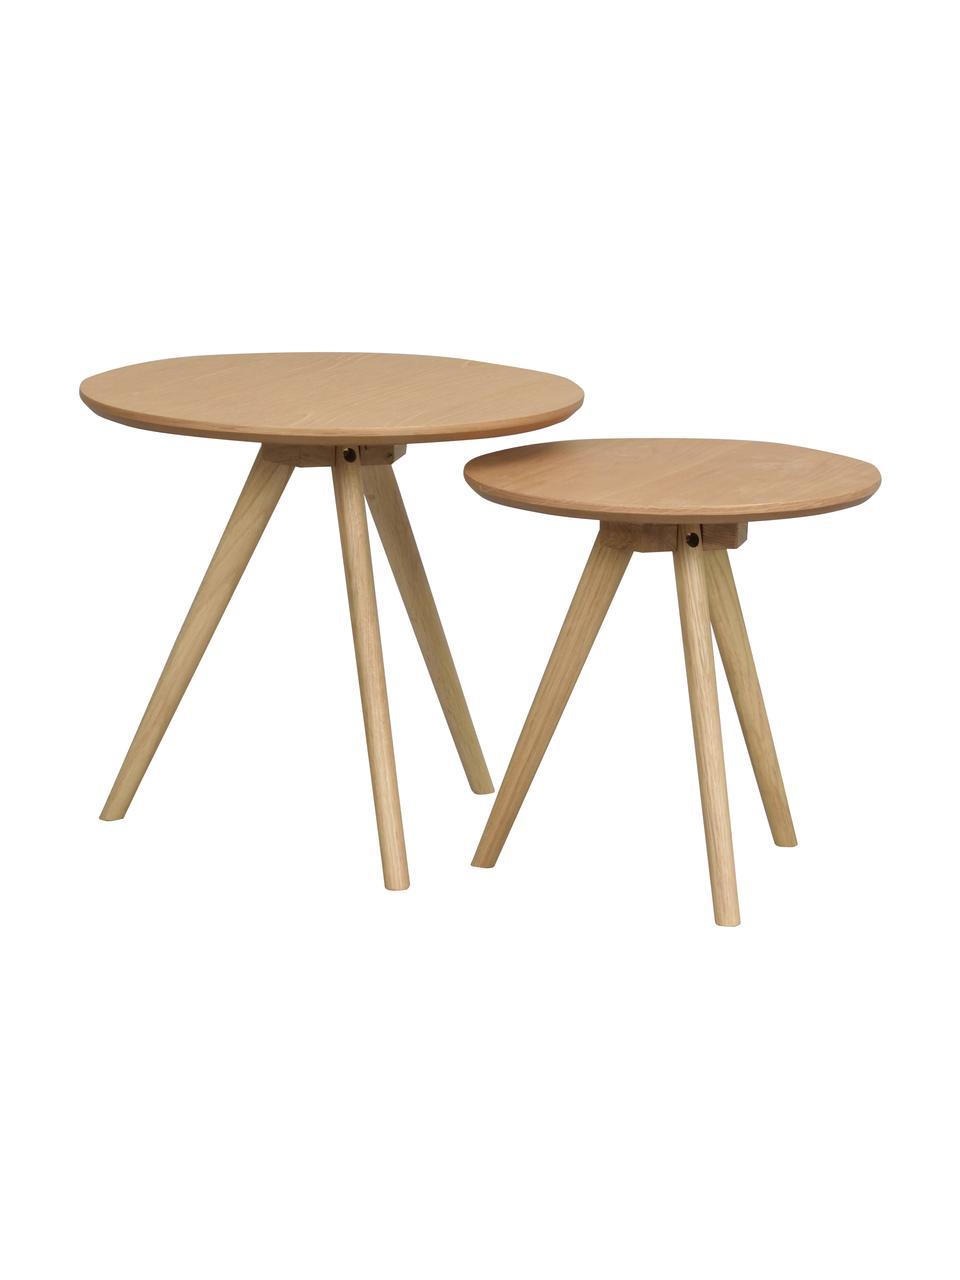 Beistelltisch-Set Yumi in Hellbraun, 2-tlg., Tischplatte: Mitteldichte Holzfaserpla, Beine: Eichenholz, massiv, Hellbraun, Set mit verschiedenen Größen